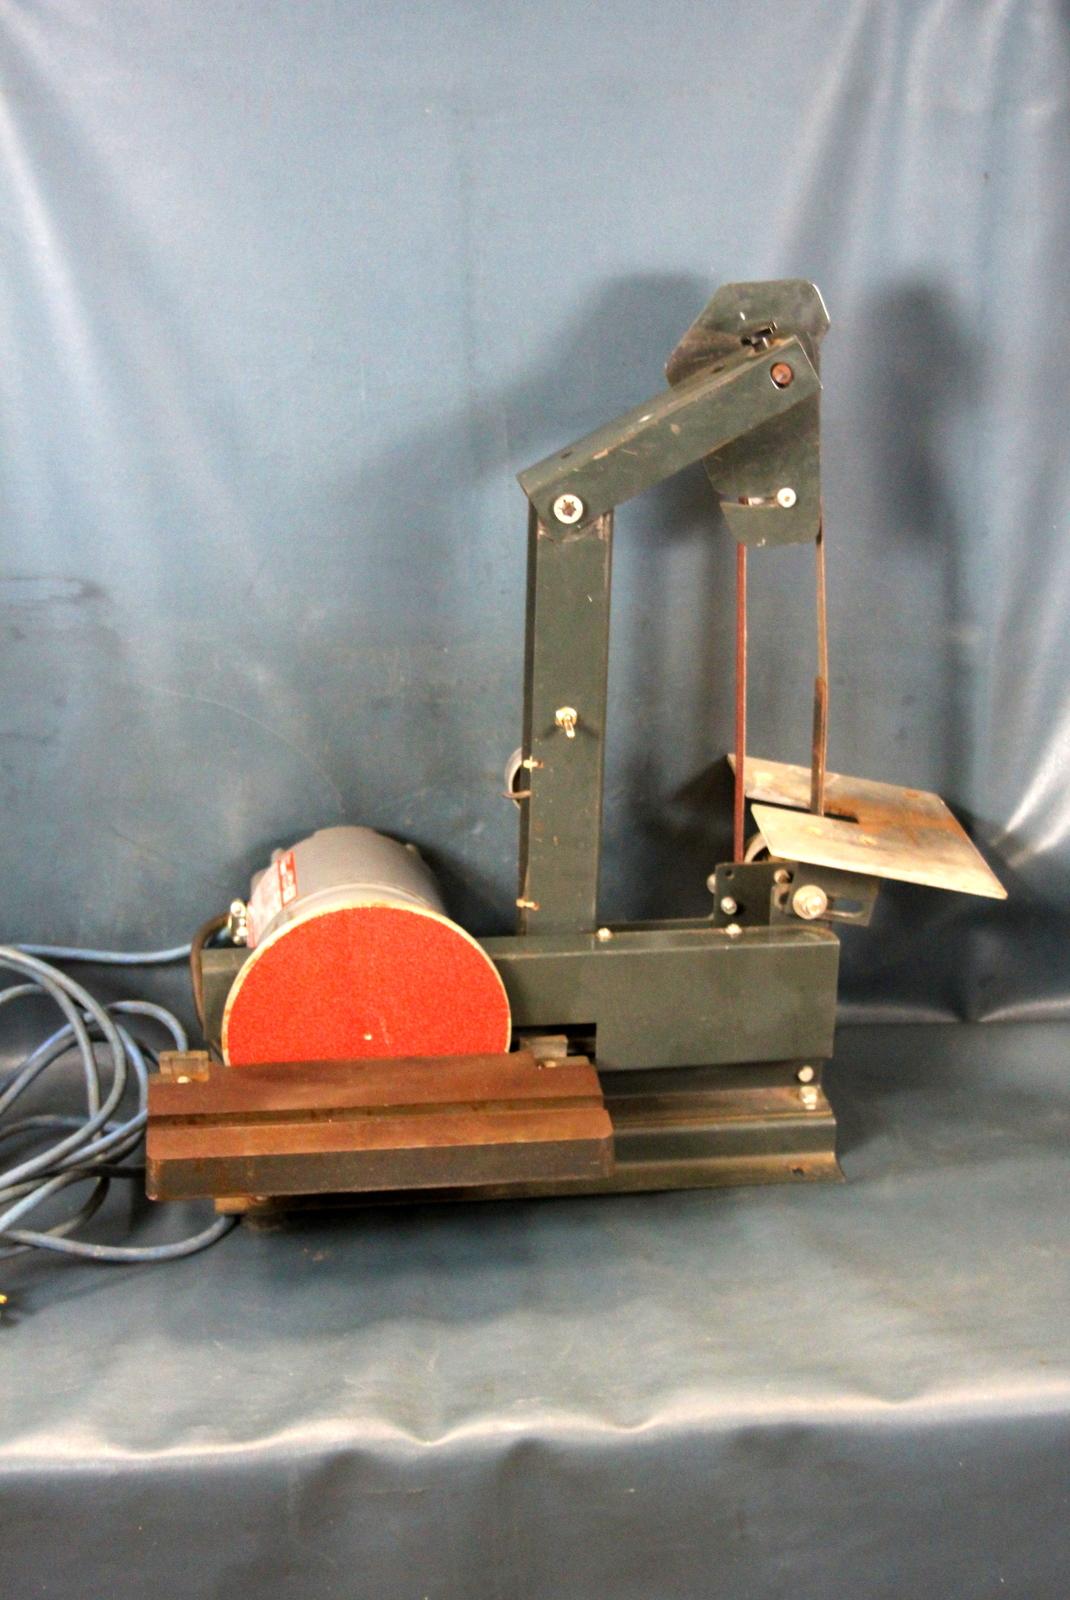 Dayton 2z646b 1 Quot X 8 Quot Bench Belt And 8 Quot Disc Sander